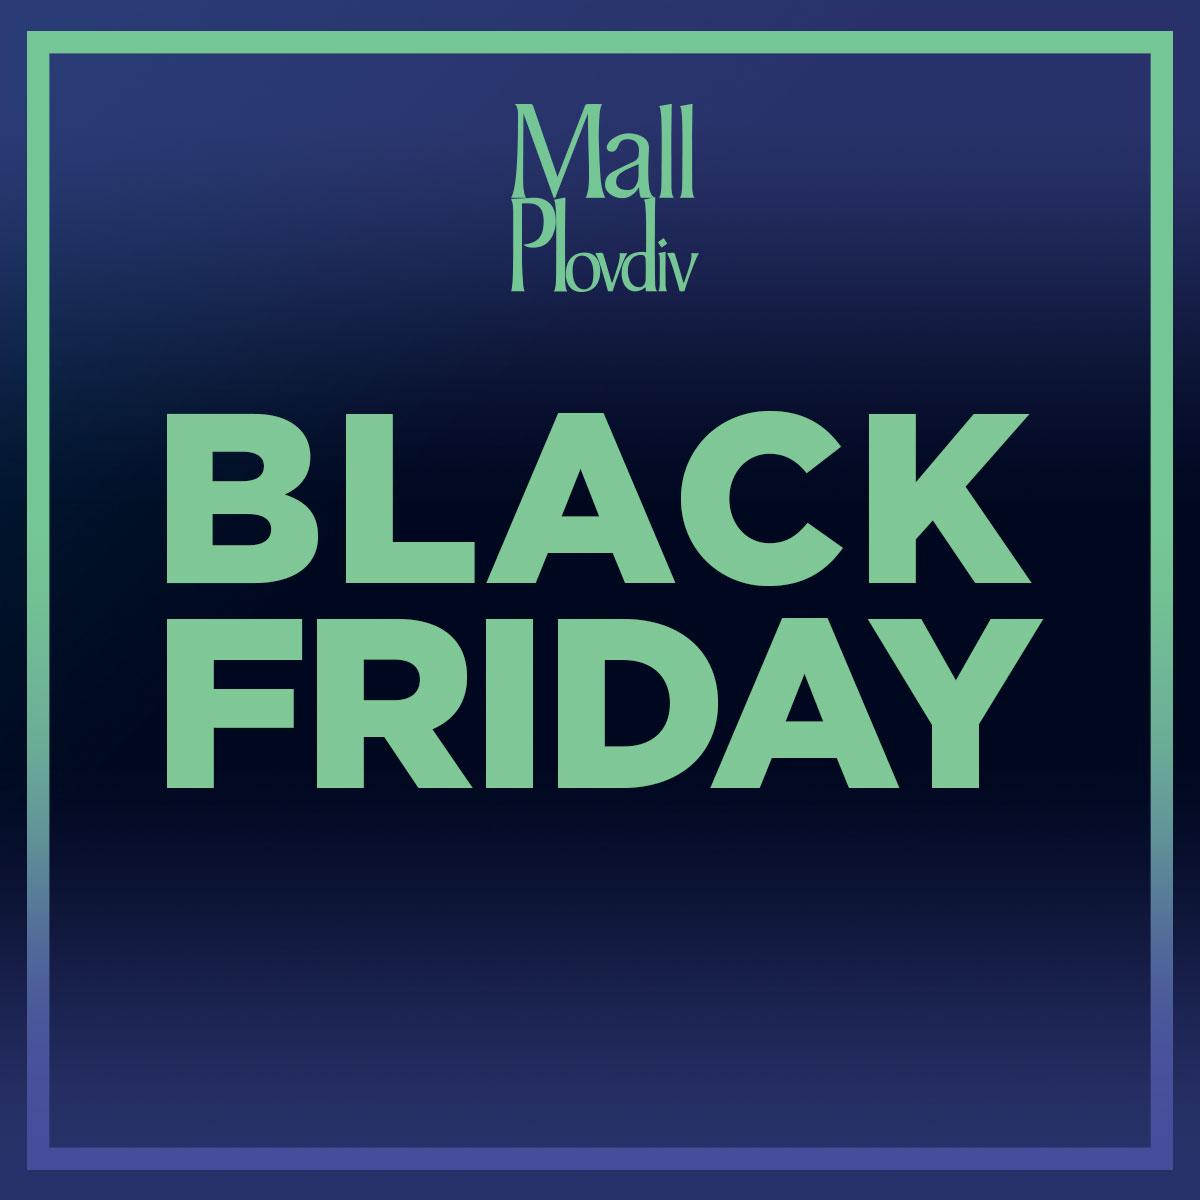 Магазините с намаления за BLACK FRIDAY в Mол Пловдив